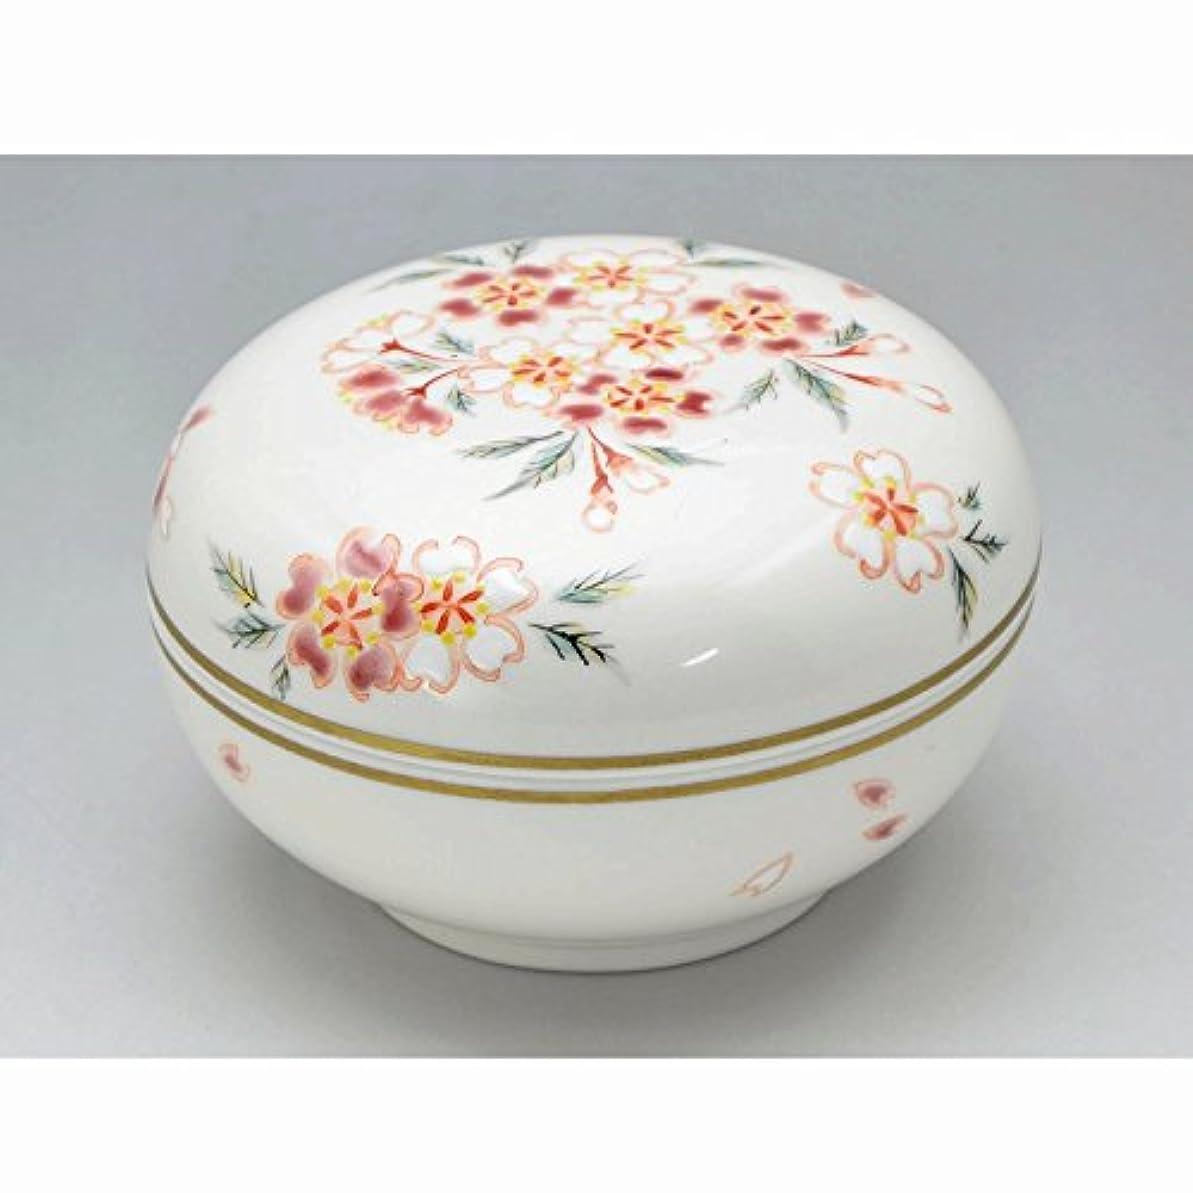 手首気絶させる事京焼?清水焼 磁器 香合 花桜 紙箱入 Kiyomizu-kyo yaki ware. Japanese porcelain kogo incense burner hanazakura with paper box.